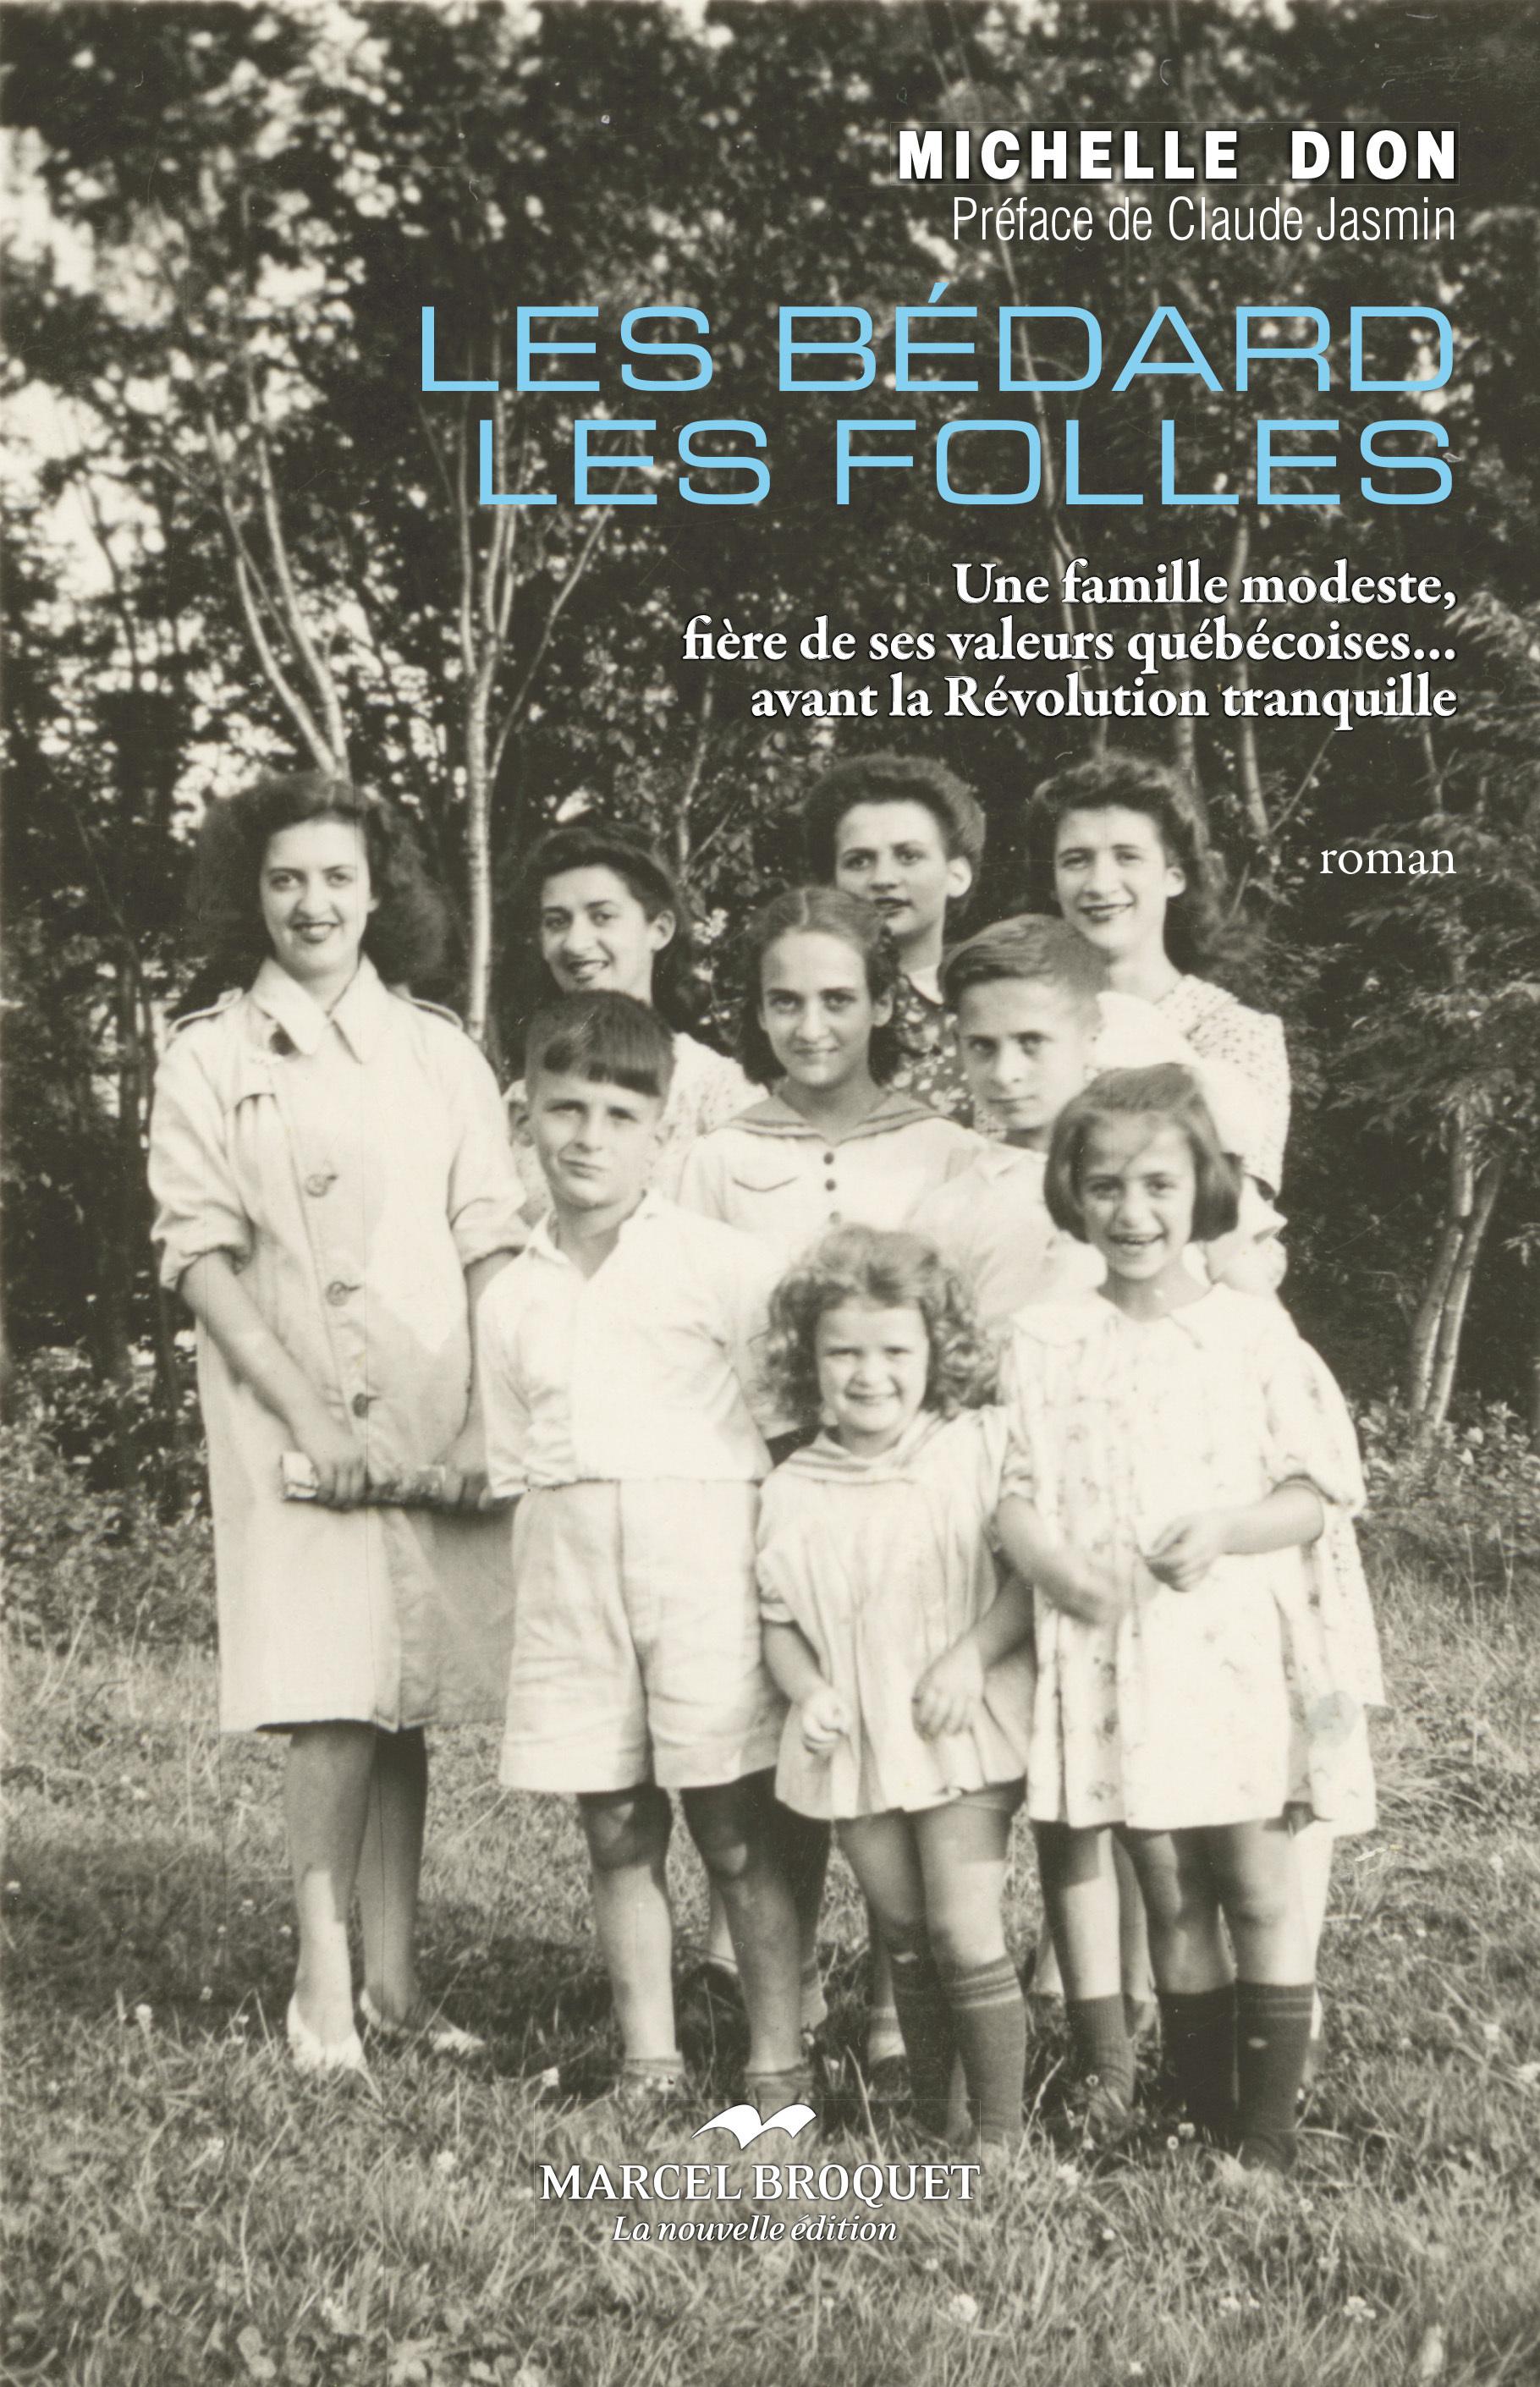 Les Bédard les folles, Une famille modeste, fière de ses valeurs québécoises… avant la Révolution tranquille